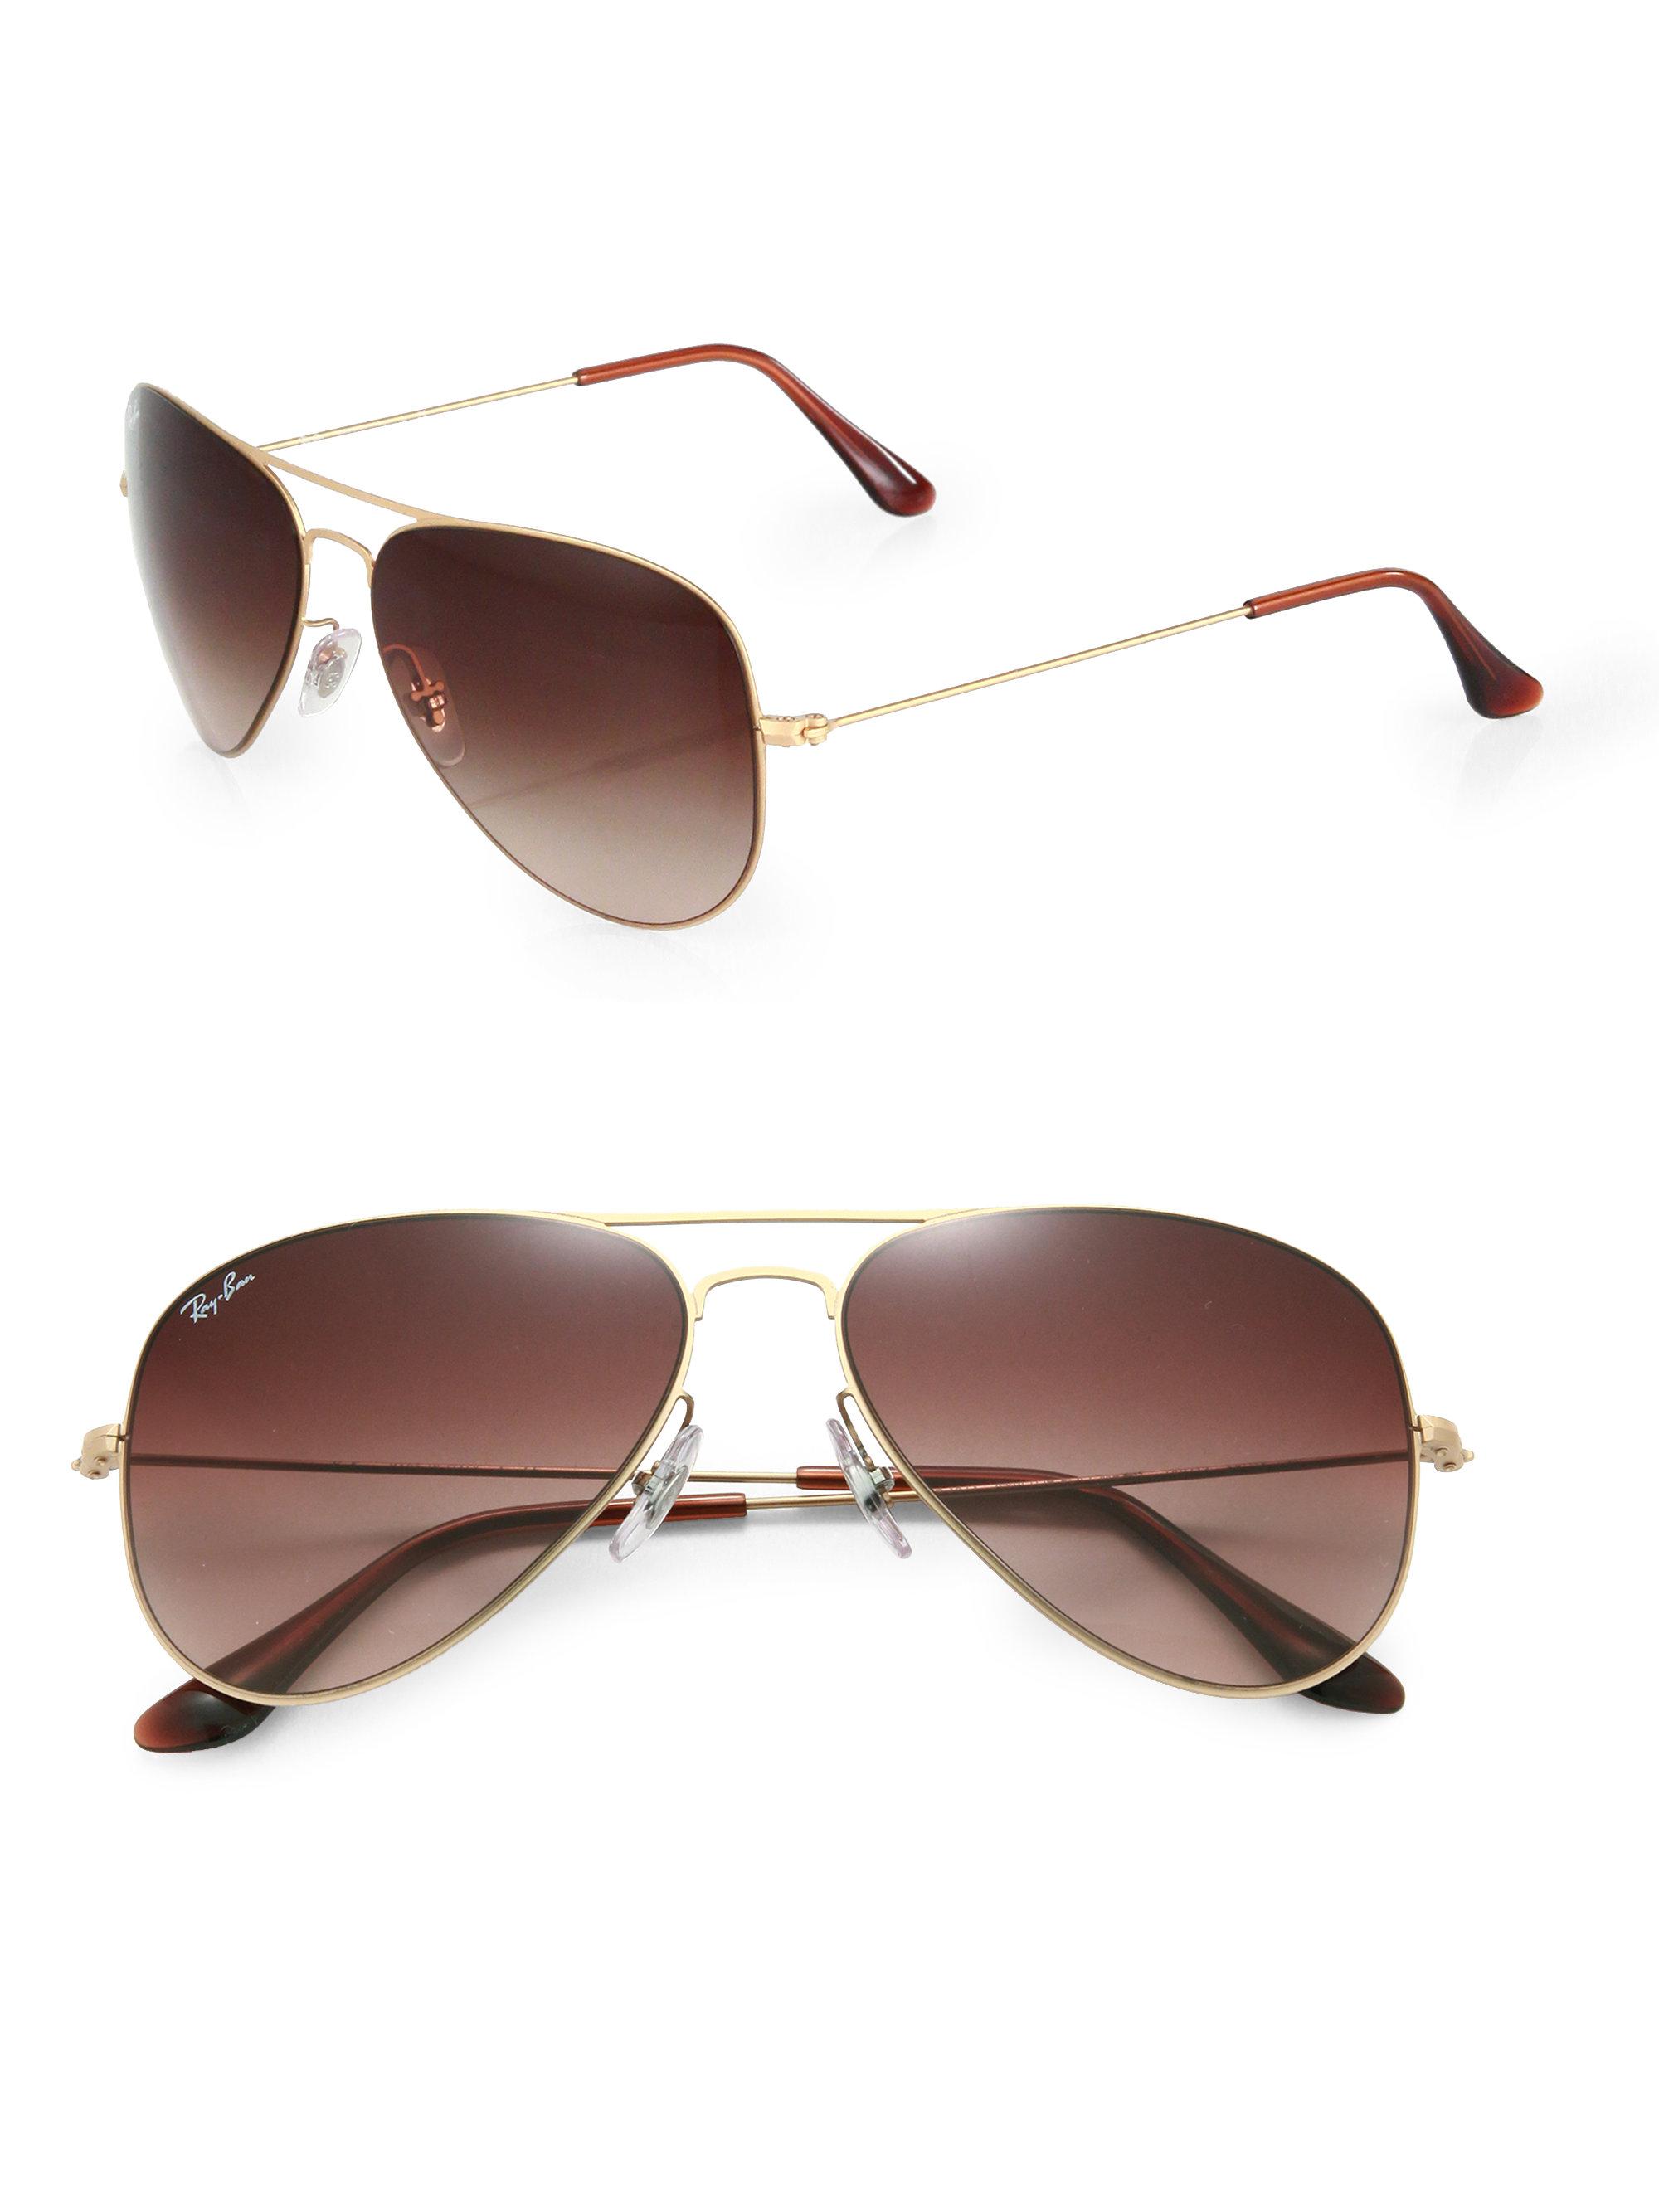 Купит солнцезащитные очки онлайн